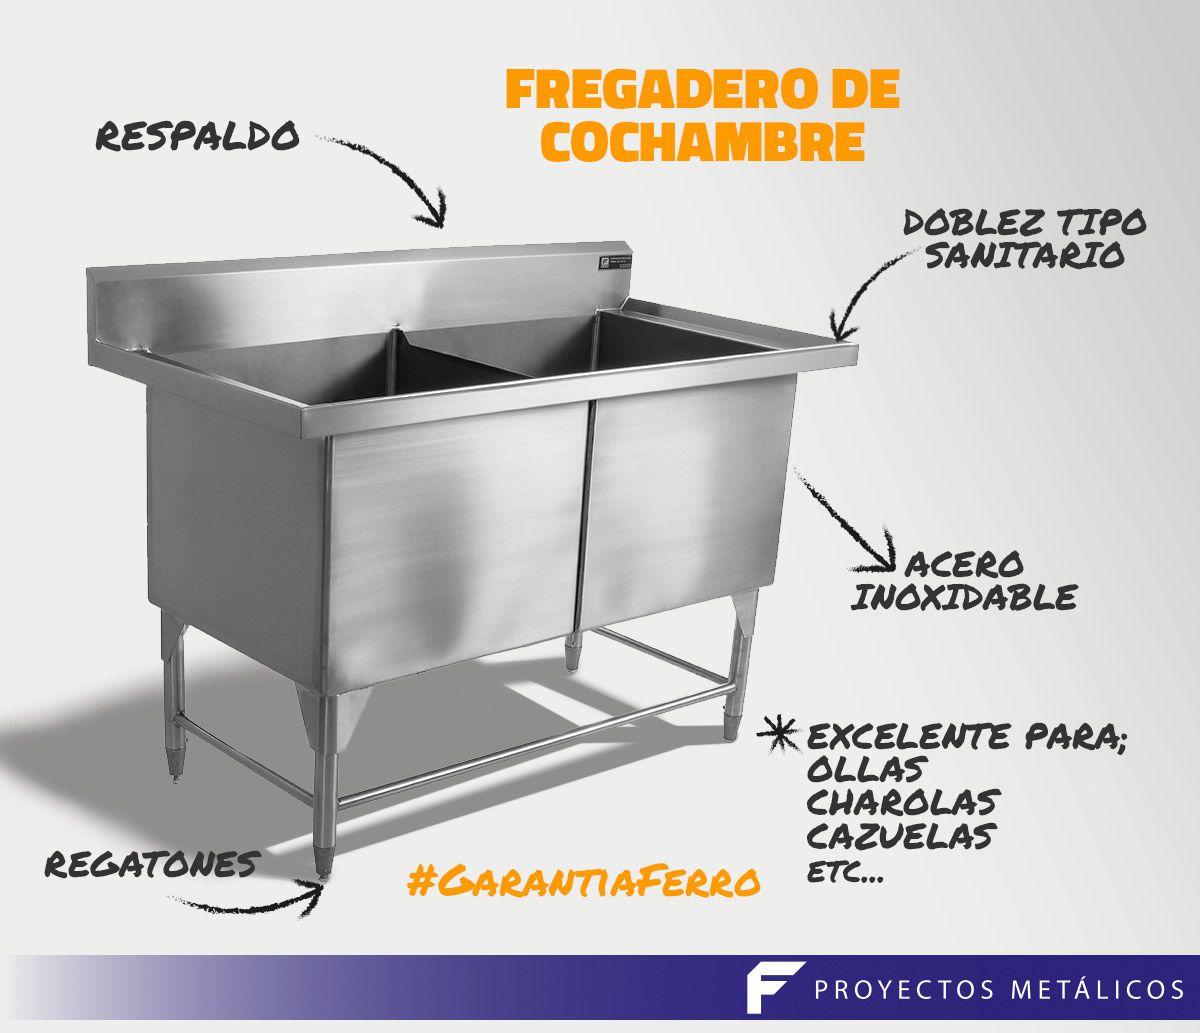 Fregadero para cochambre- acero inoxidable- cocinas industriales ...